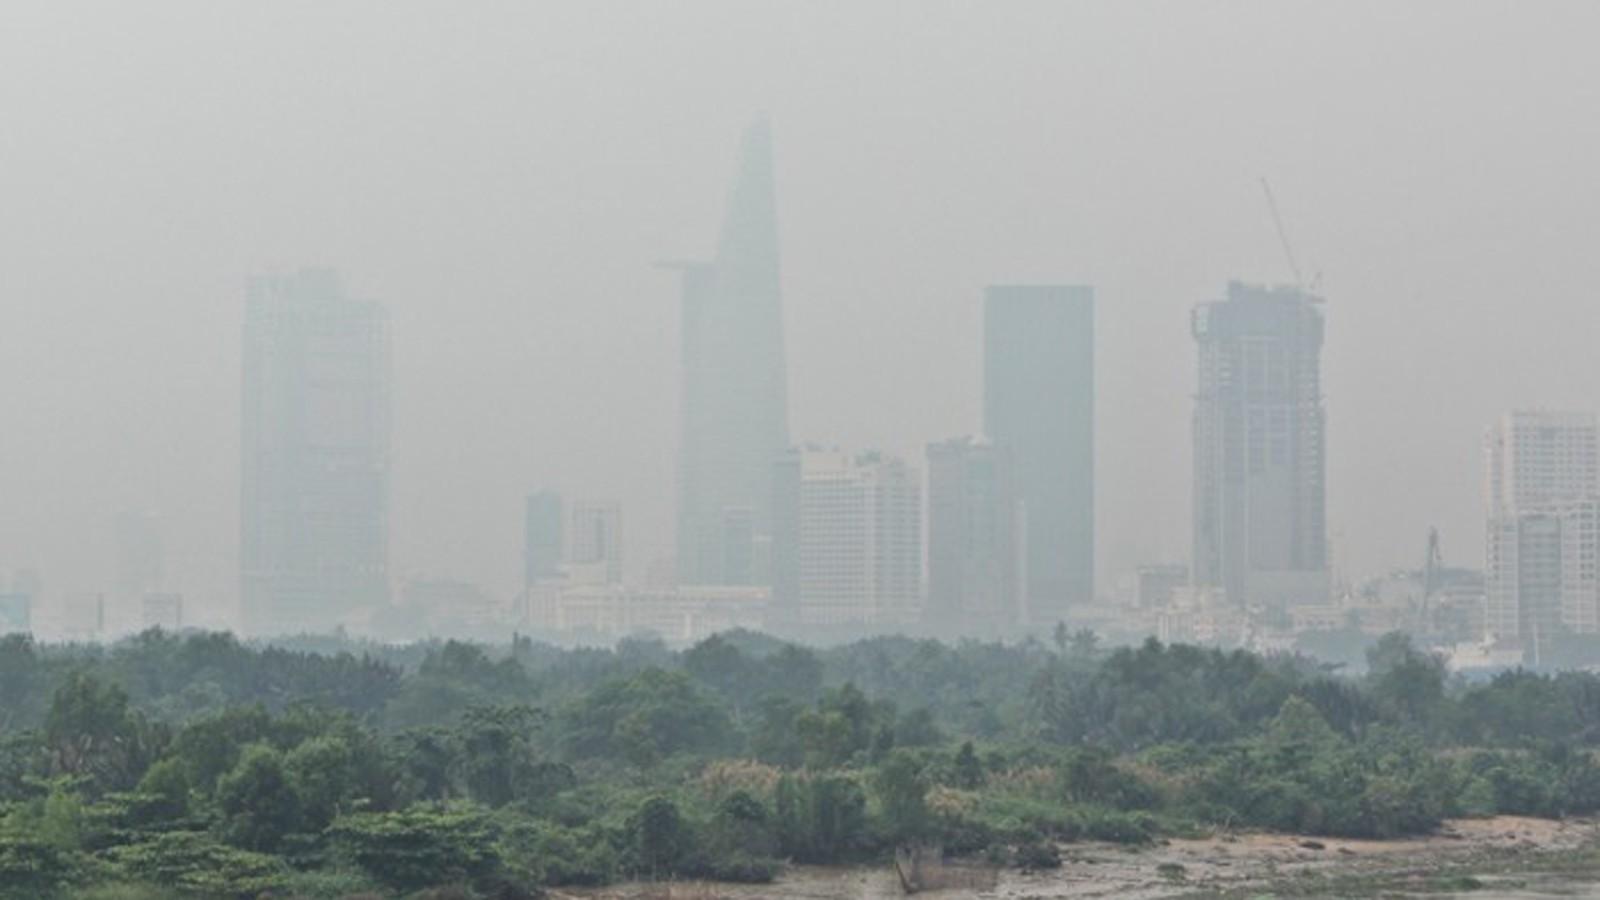 Khủng hoảng nước sạch,ô nhiễm không khí,mùi rác thải,dân cư đô thị năm 2019